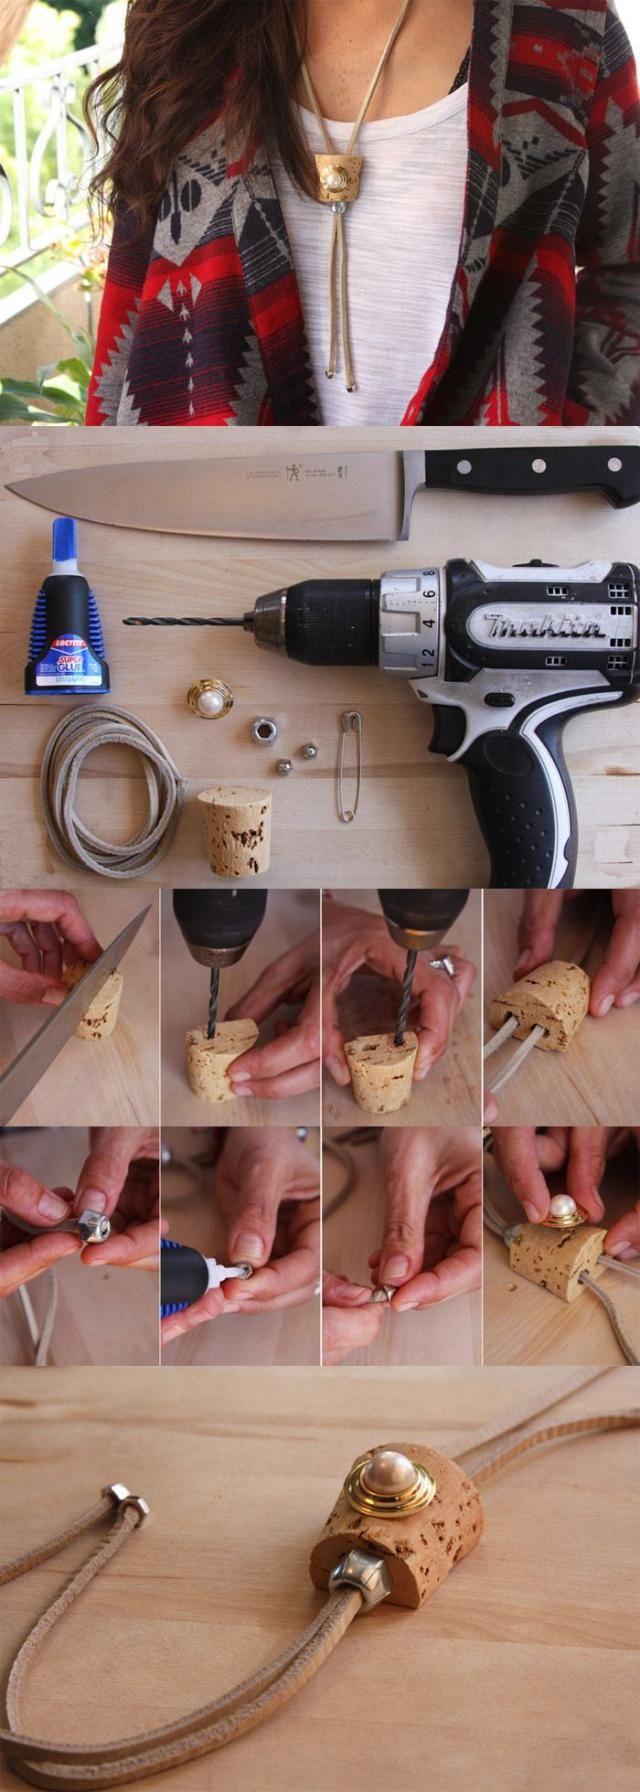 Naszyjnik - instrukcja krok po kroku